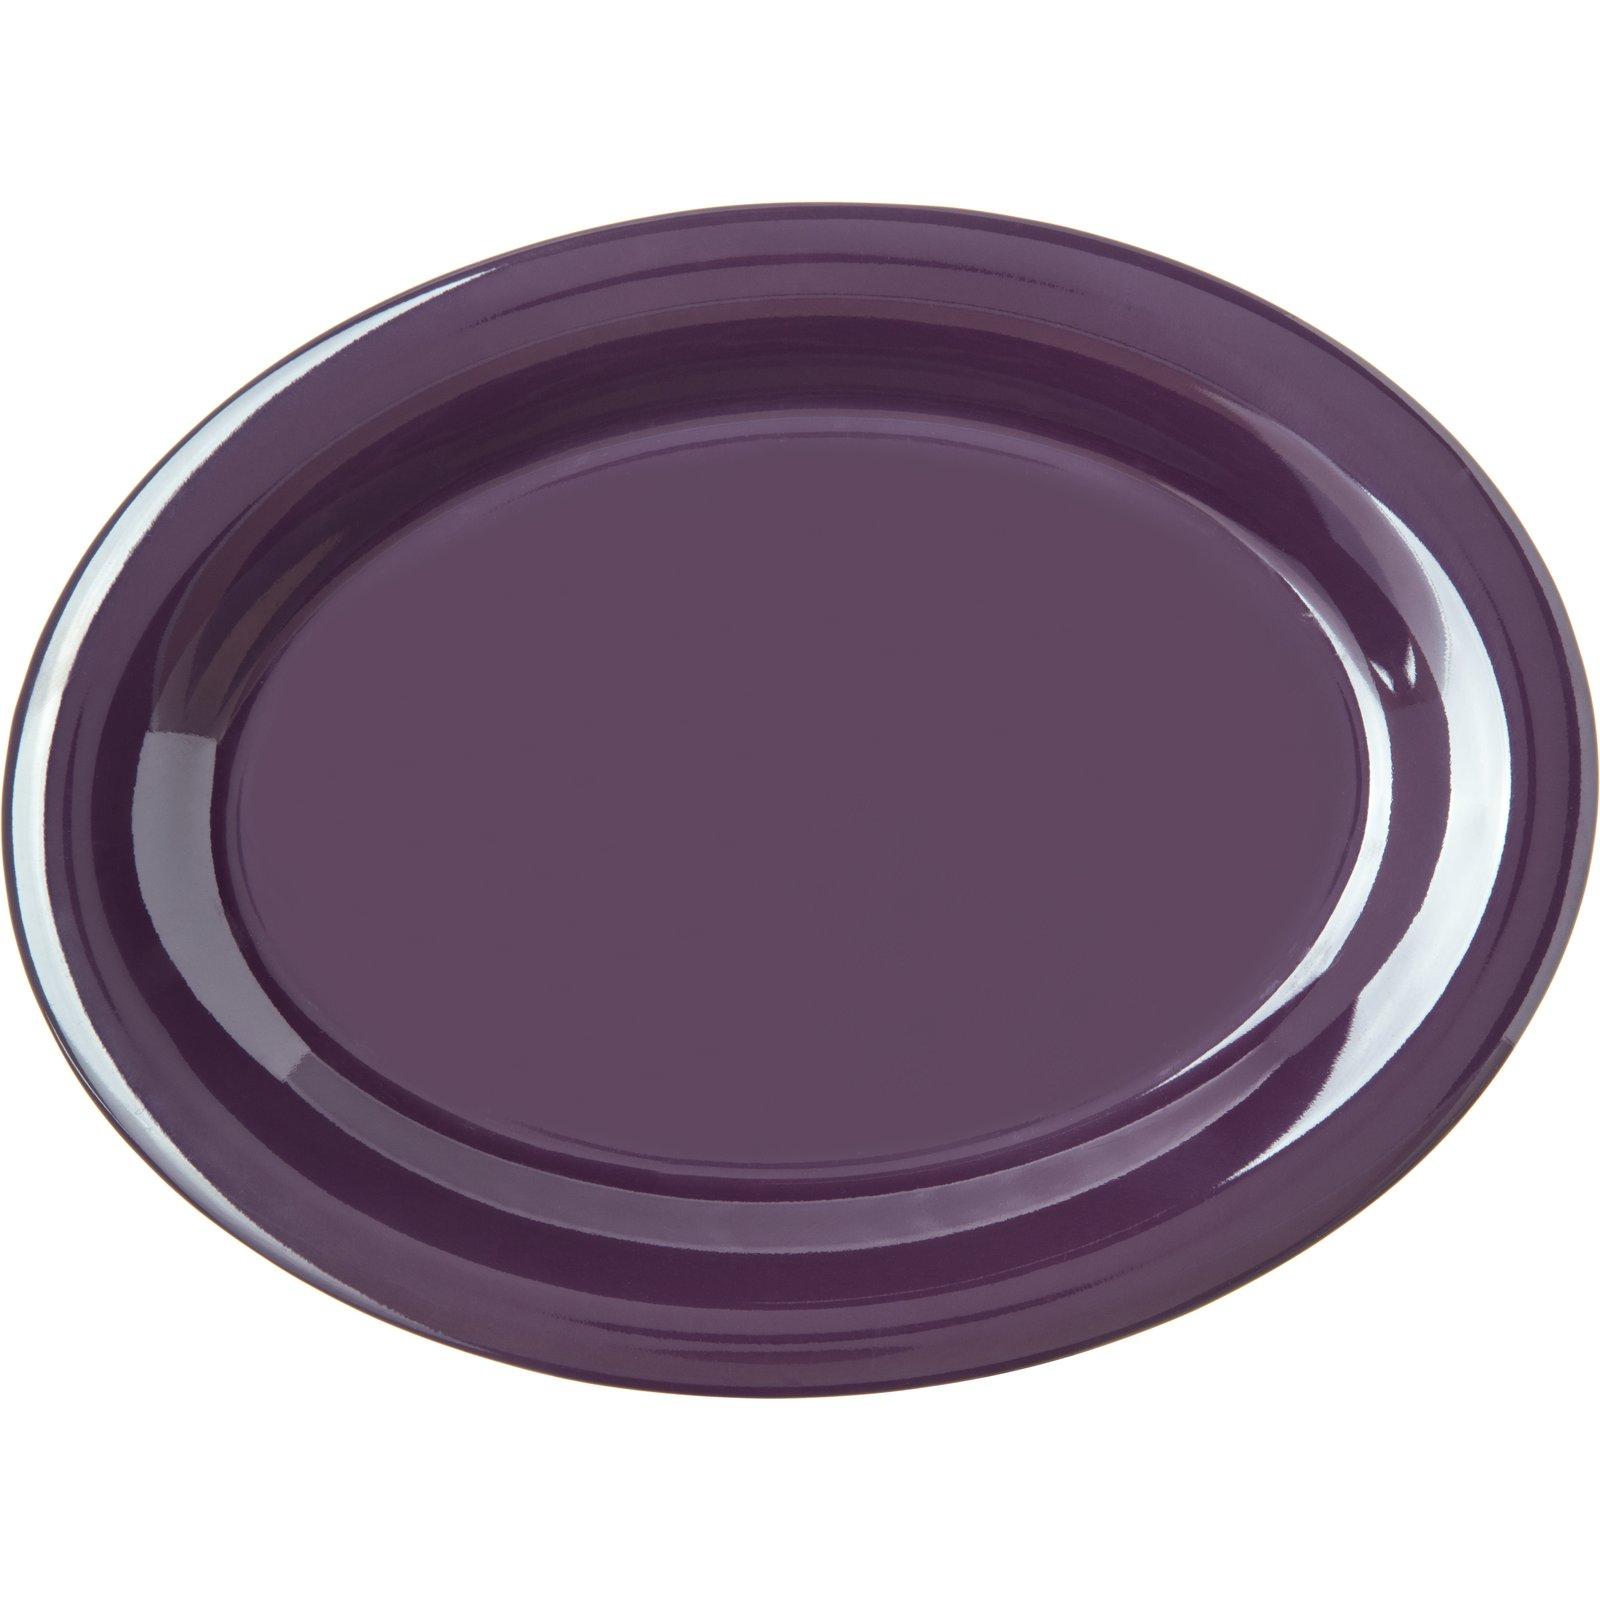 ... 4308268 - Durus® Melamine Oval Platter Tray 12  x 9  - Napoli Plum  sc 1 st  Carlisle FoodService Products & 4308268 - Durus® Melamine Oval Platter Tray 12